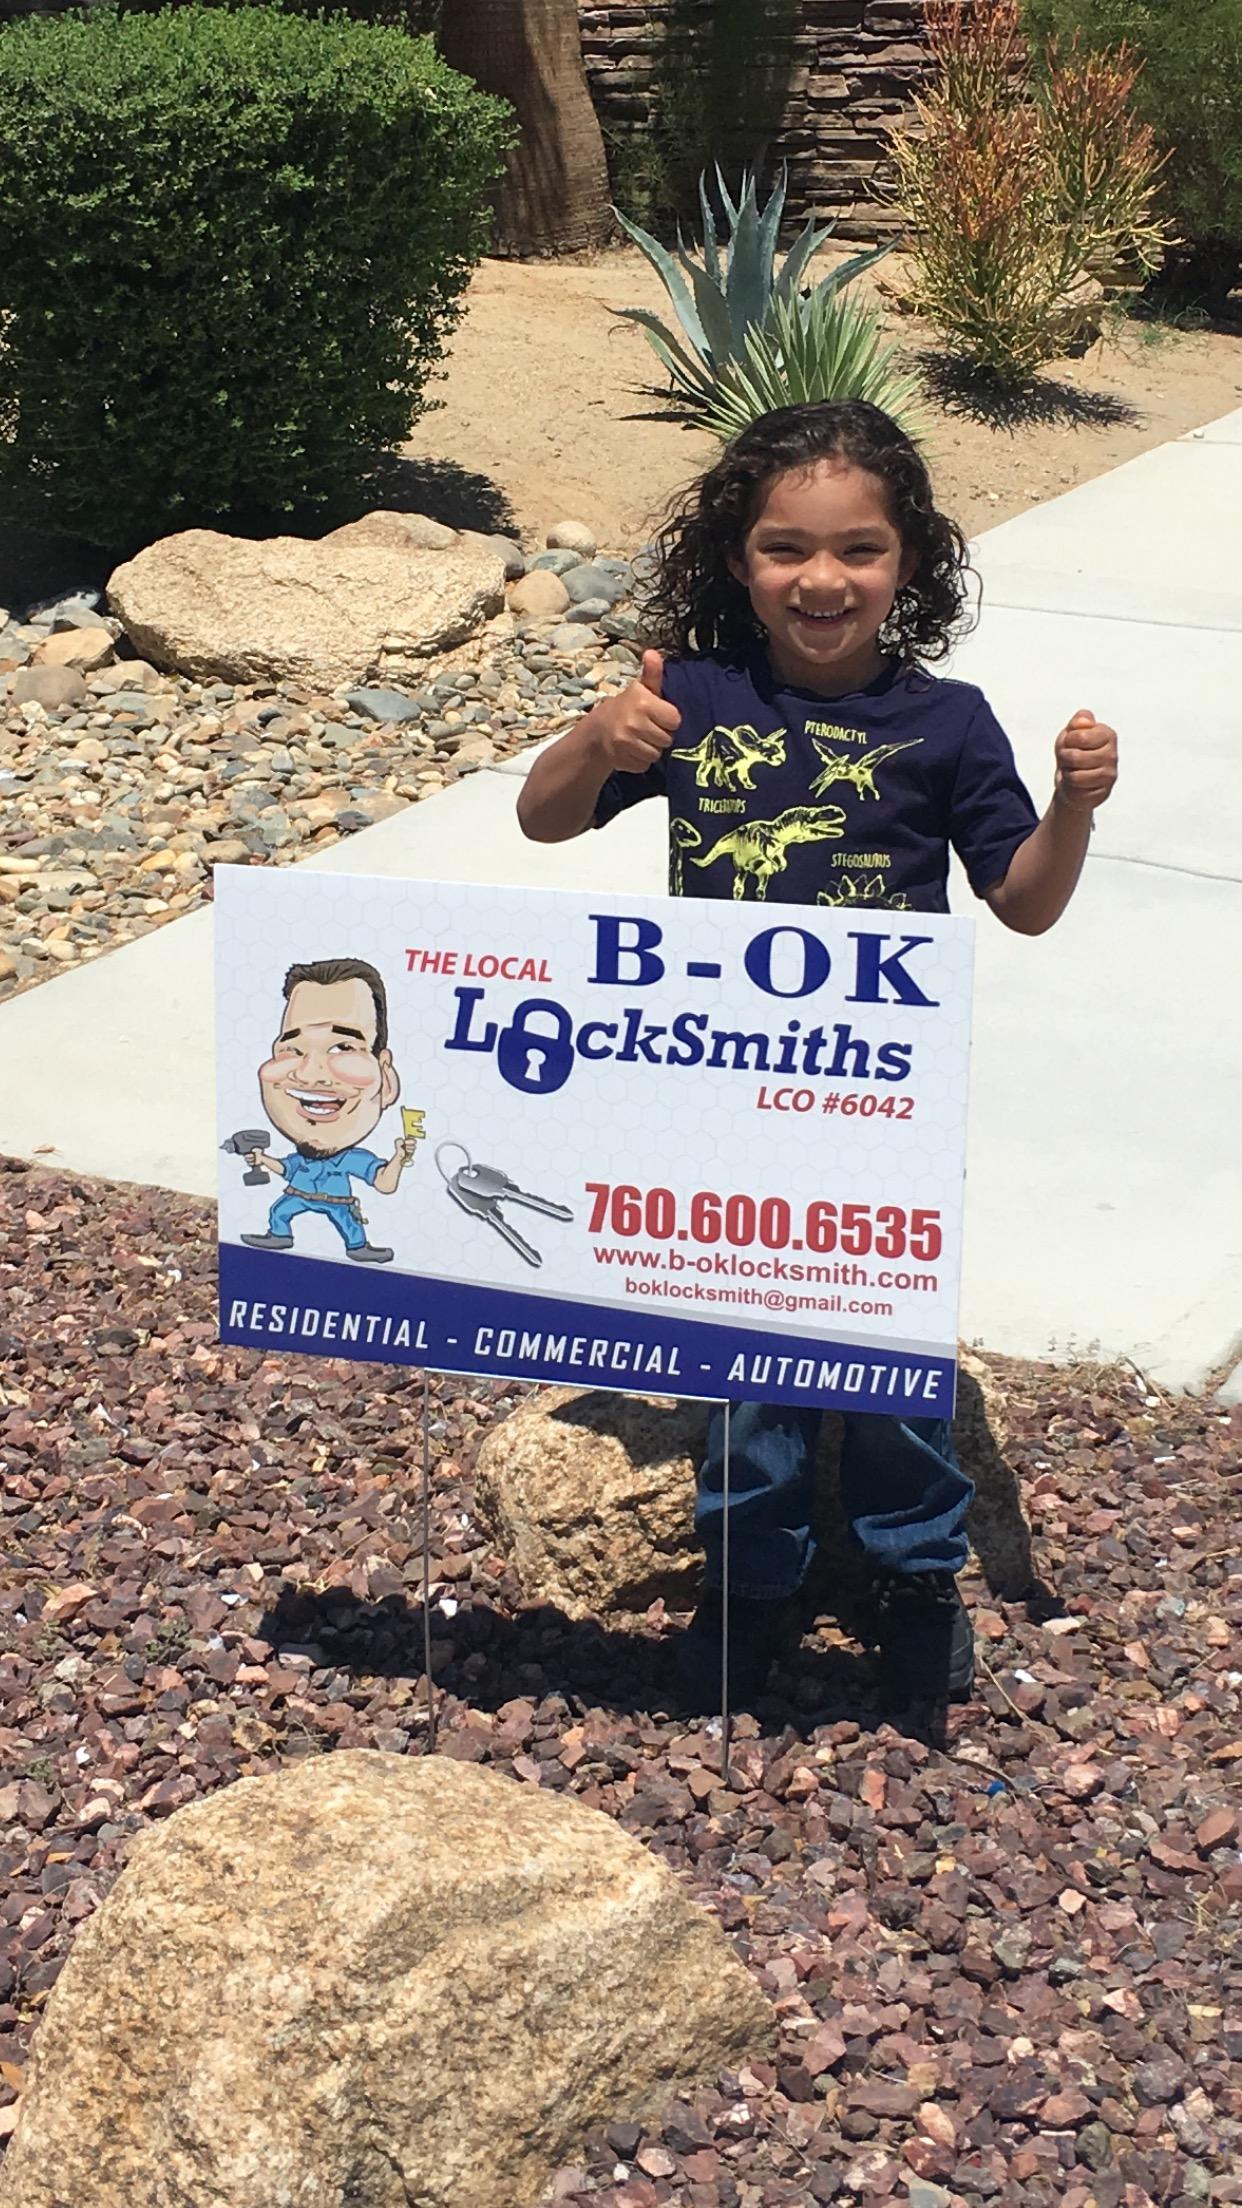 B-OK Locksmith